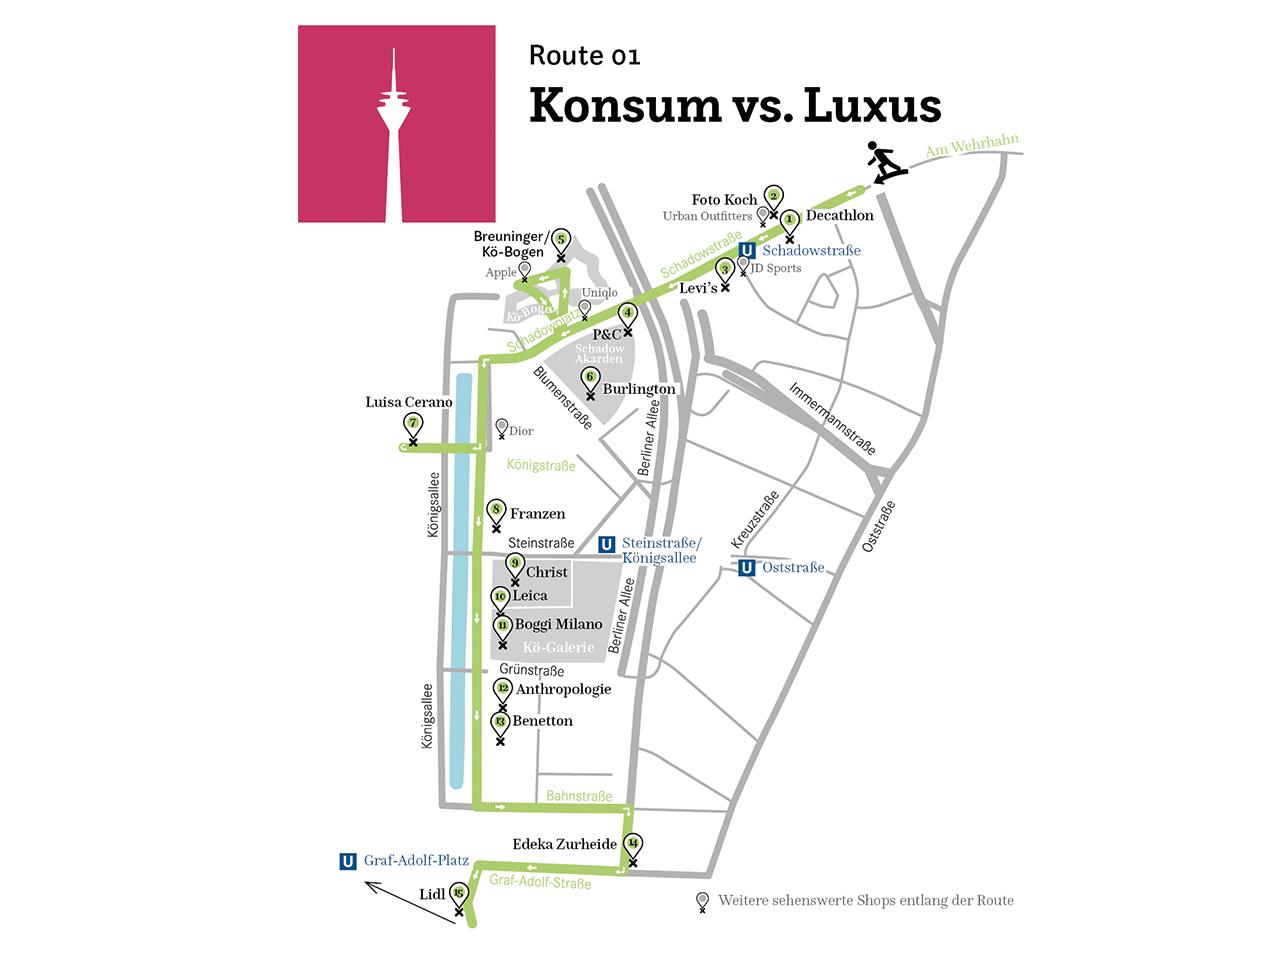 Düsseldorf – Konsum vs. Luxus